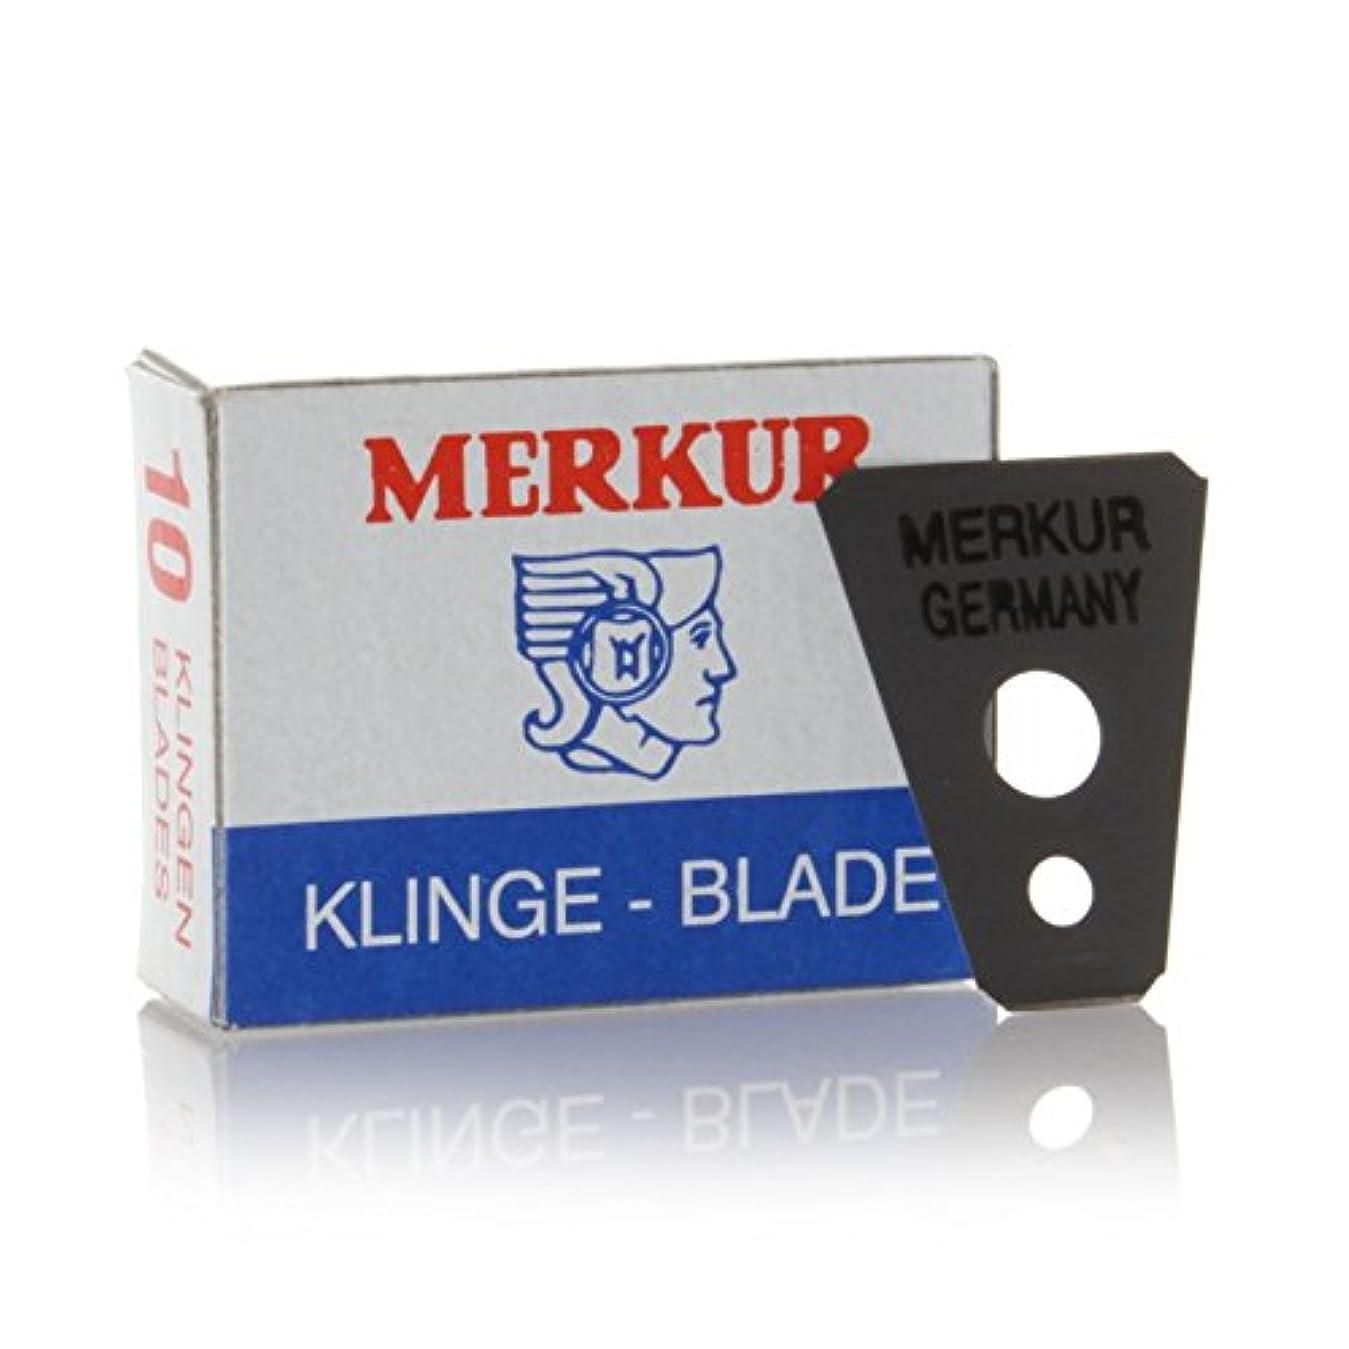 MERKUR Solingen - Razor blades for moustache shaver, 10 pieces, 90908100